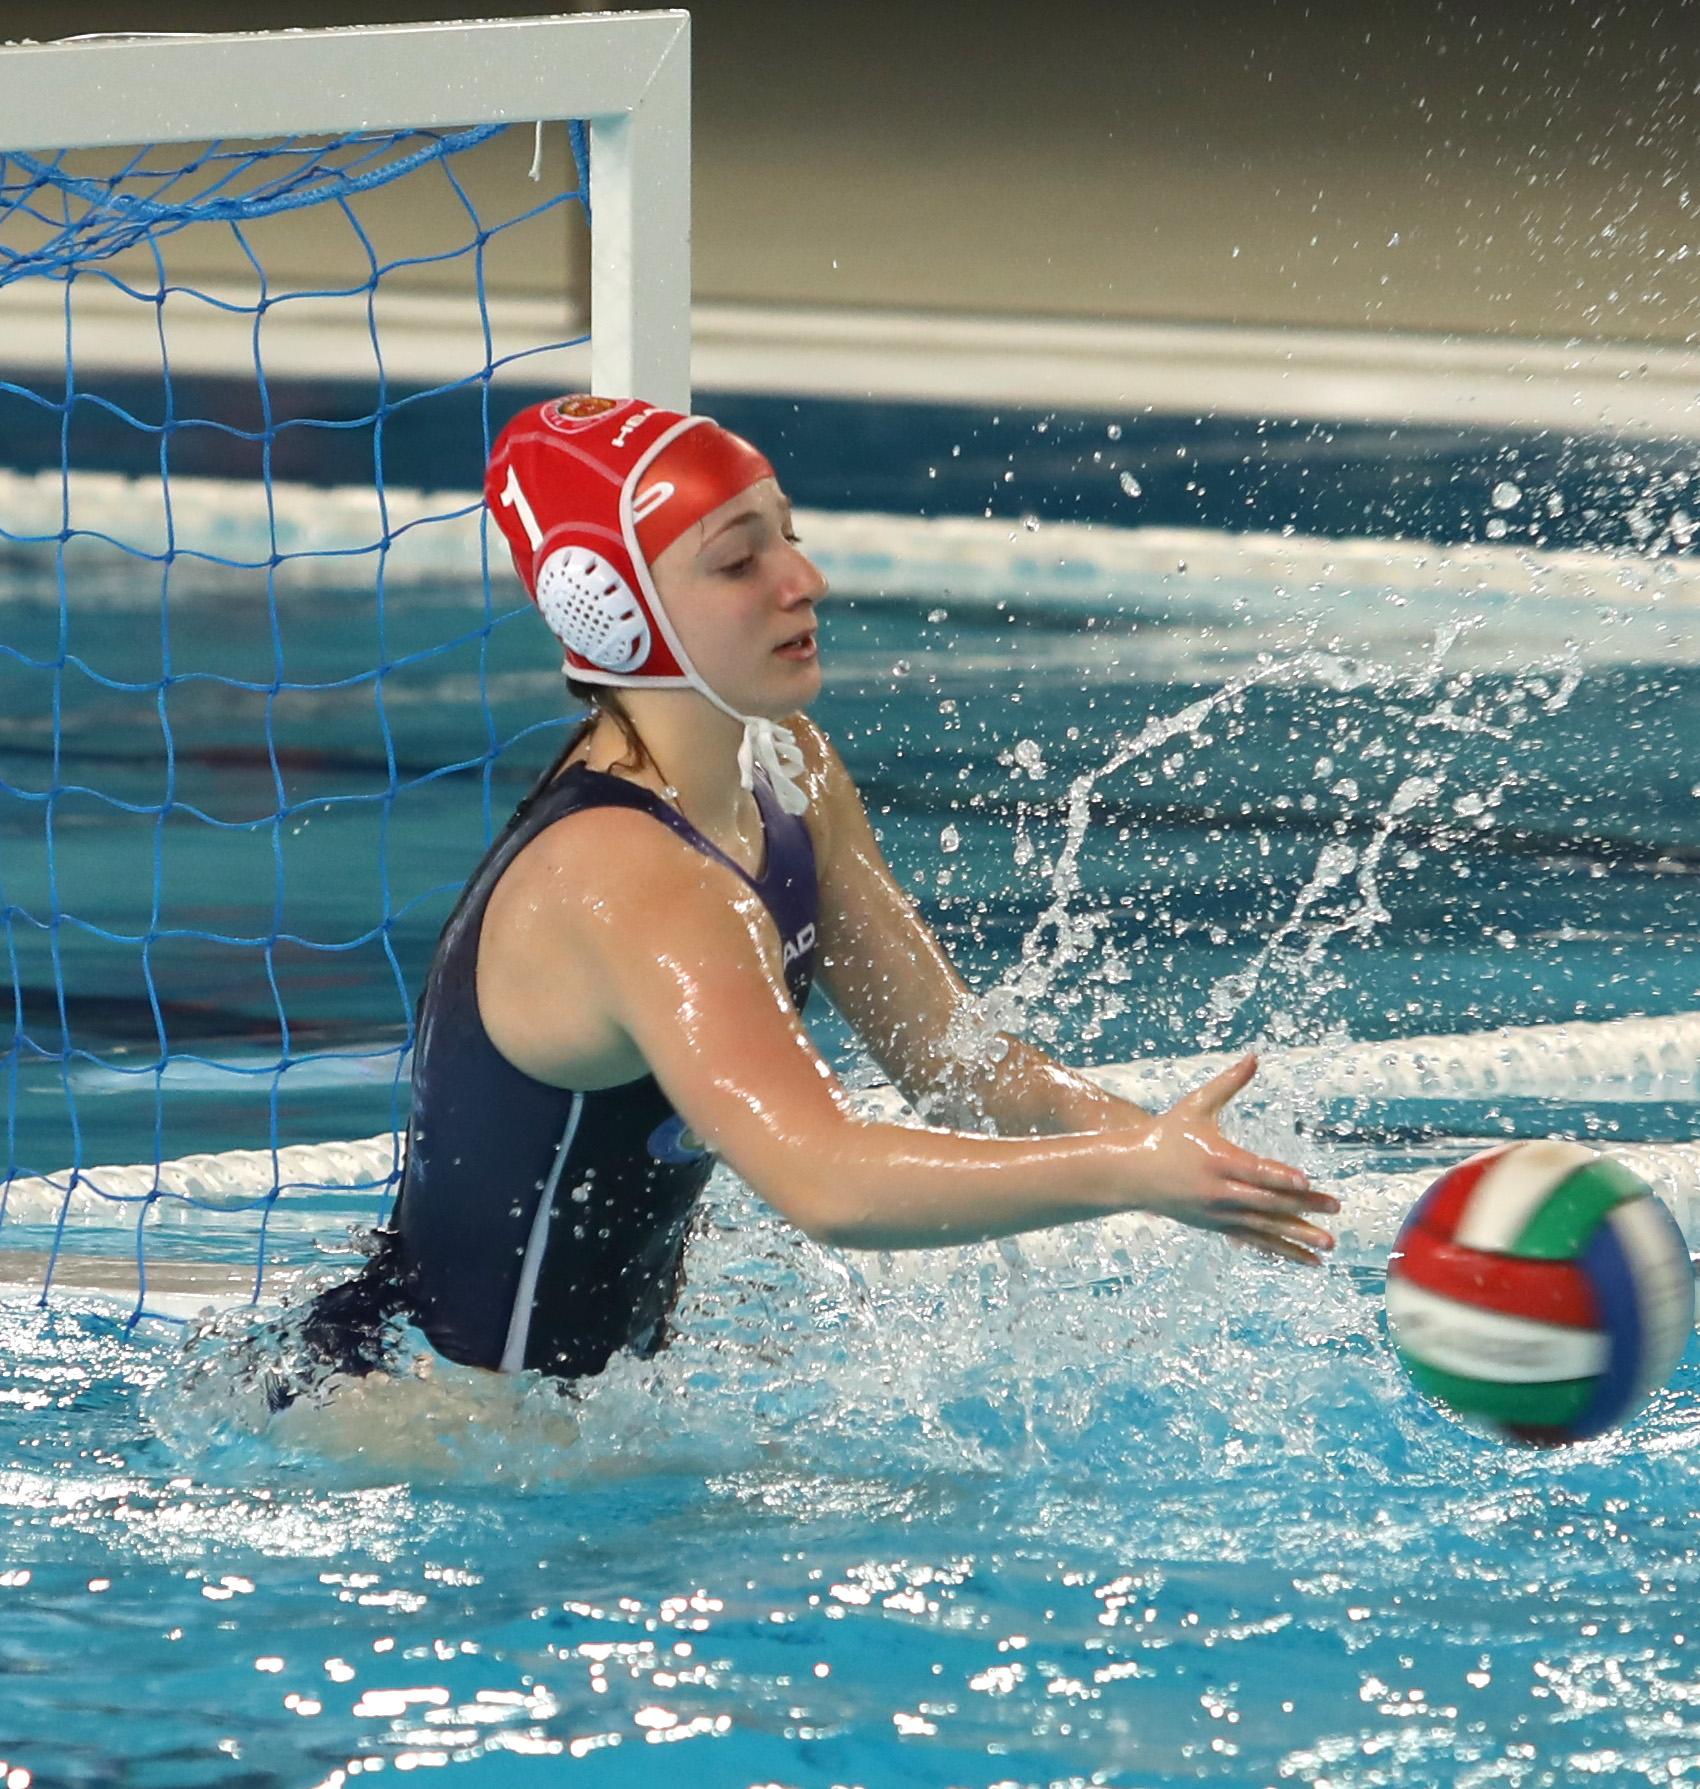 Under 19 femminile: finali scudetto, Pallanuoto Trieste battuta dal Bogliasco ai rigori (10-11) nella finale per il terzo e quarto posto